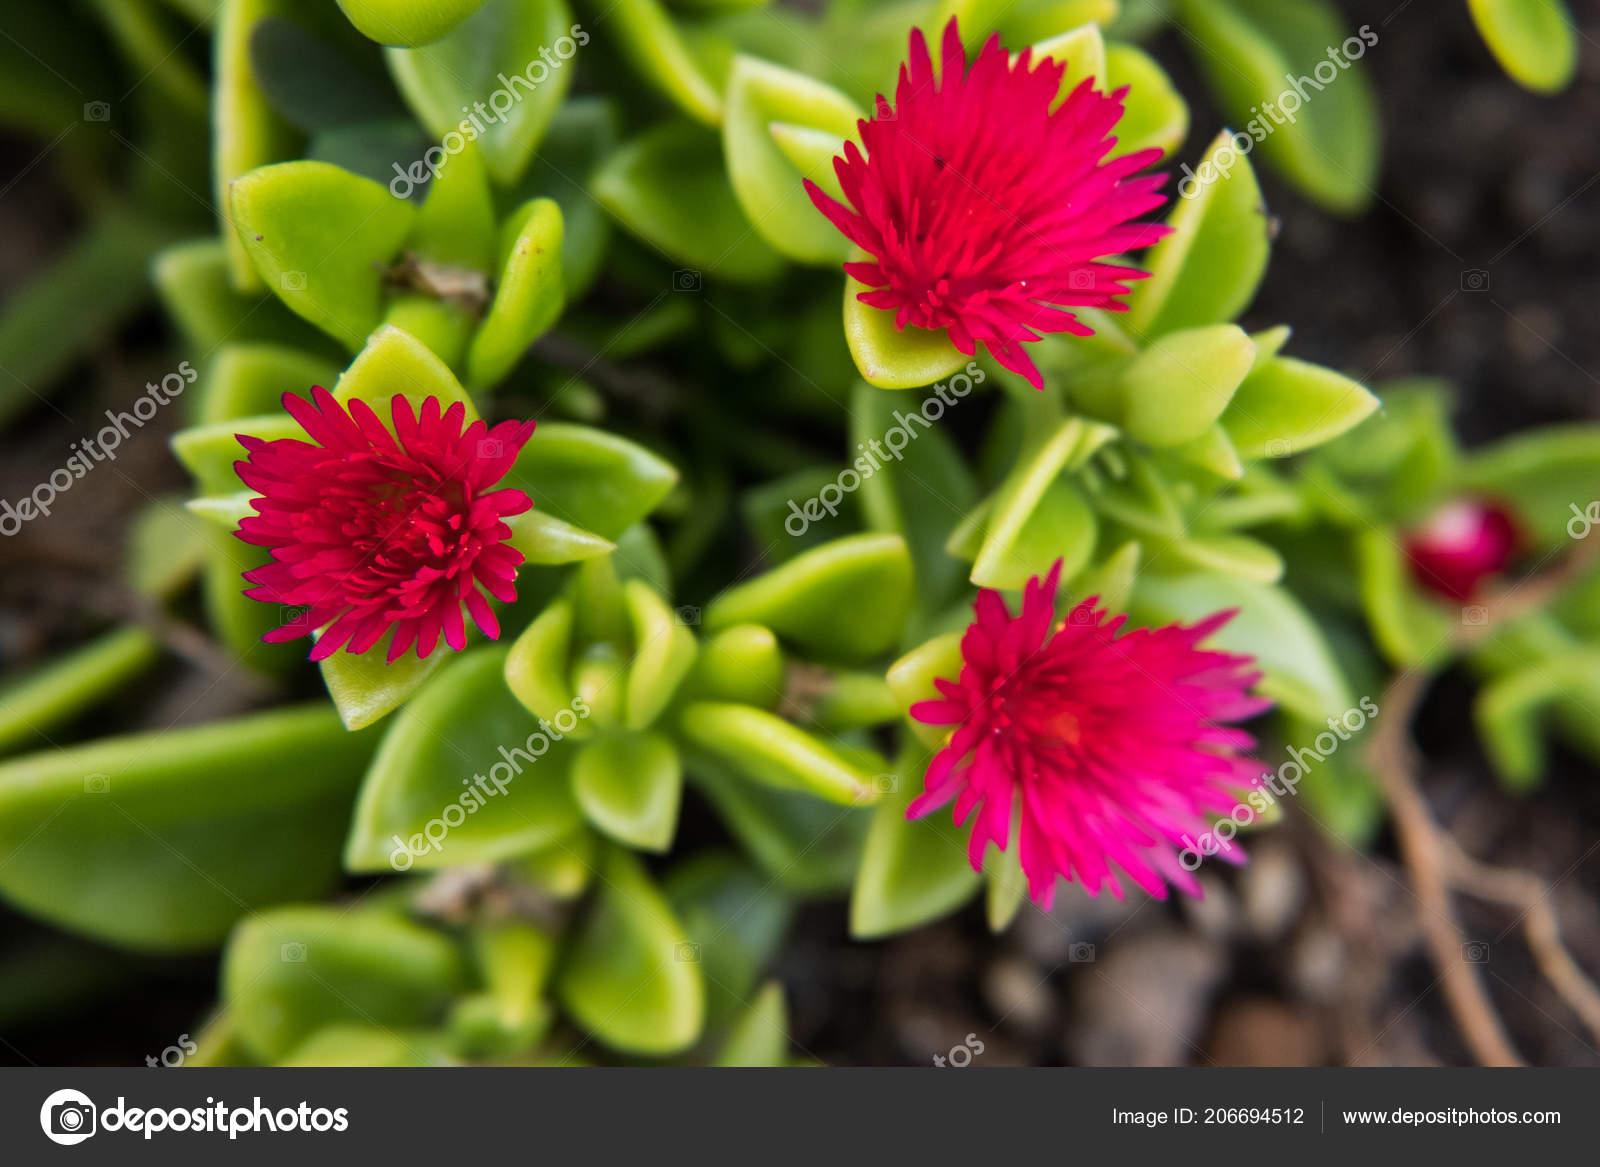 fleur rouge d une plante grasse verte photographie. Black Bedroom Furniture Sets. Home Design Ideas